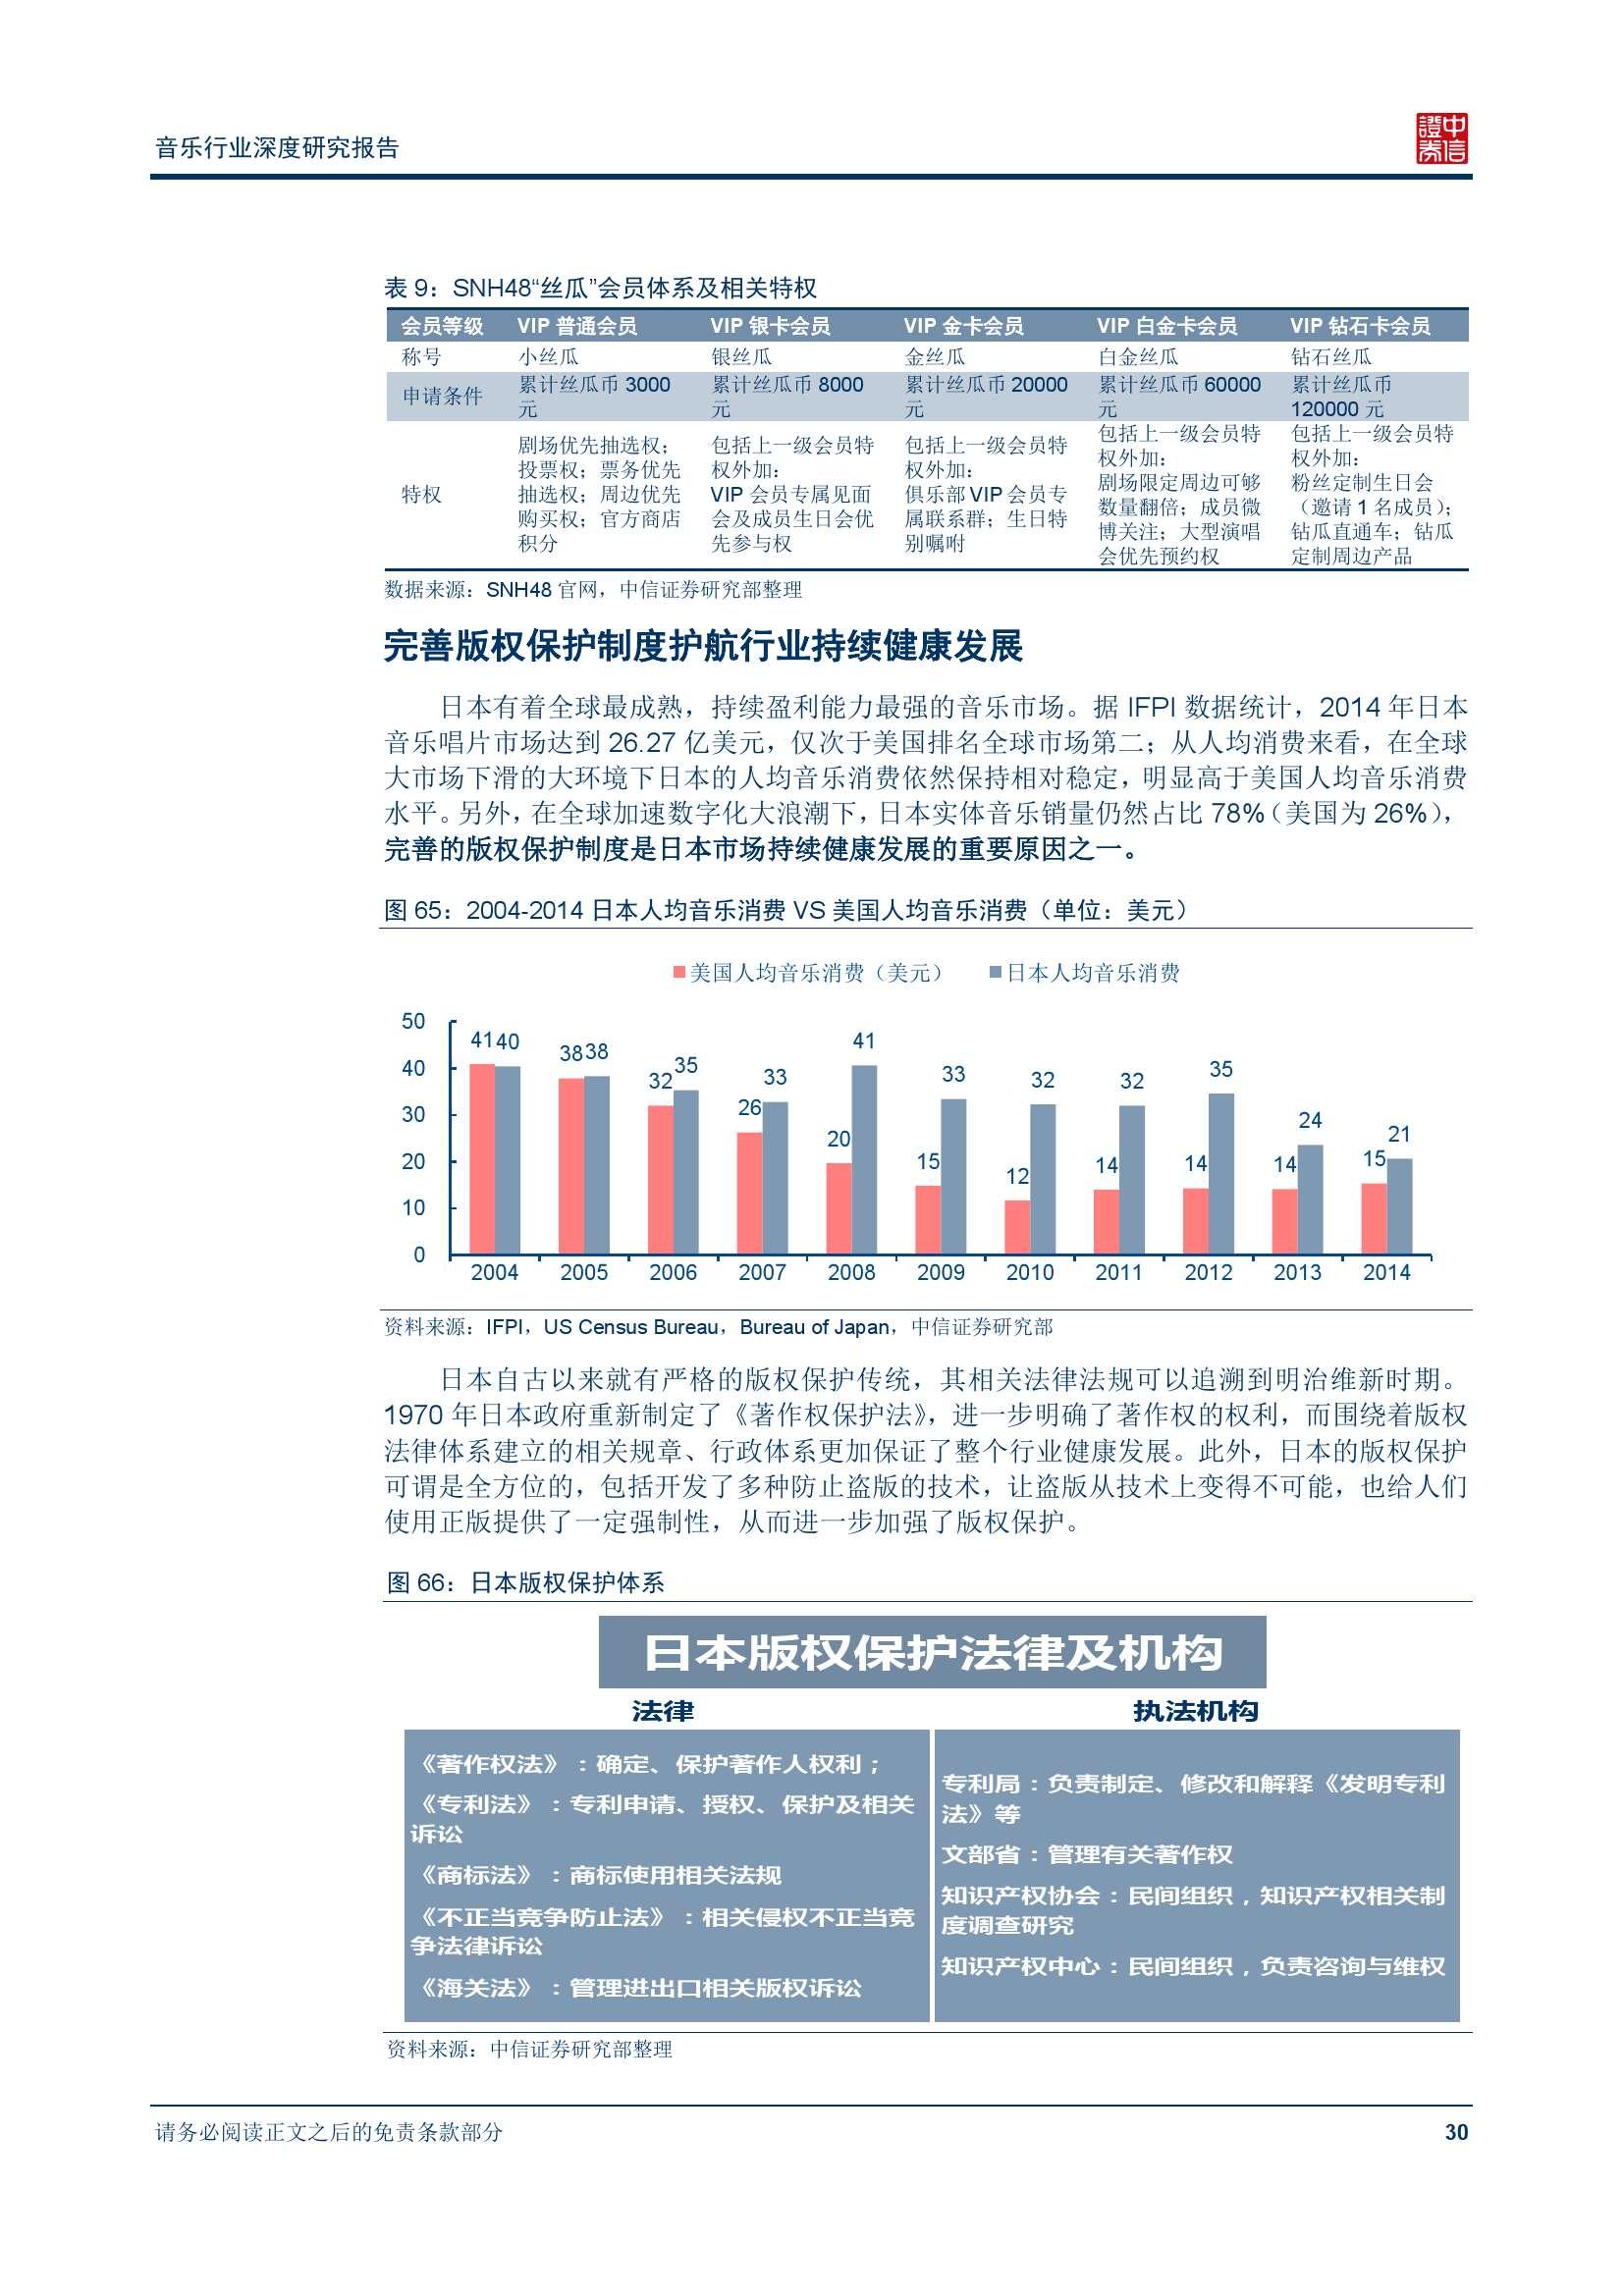 中信证券音乐行业深度研究报告_000035